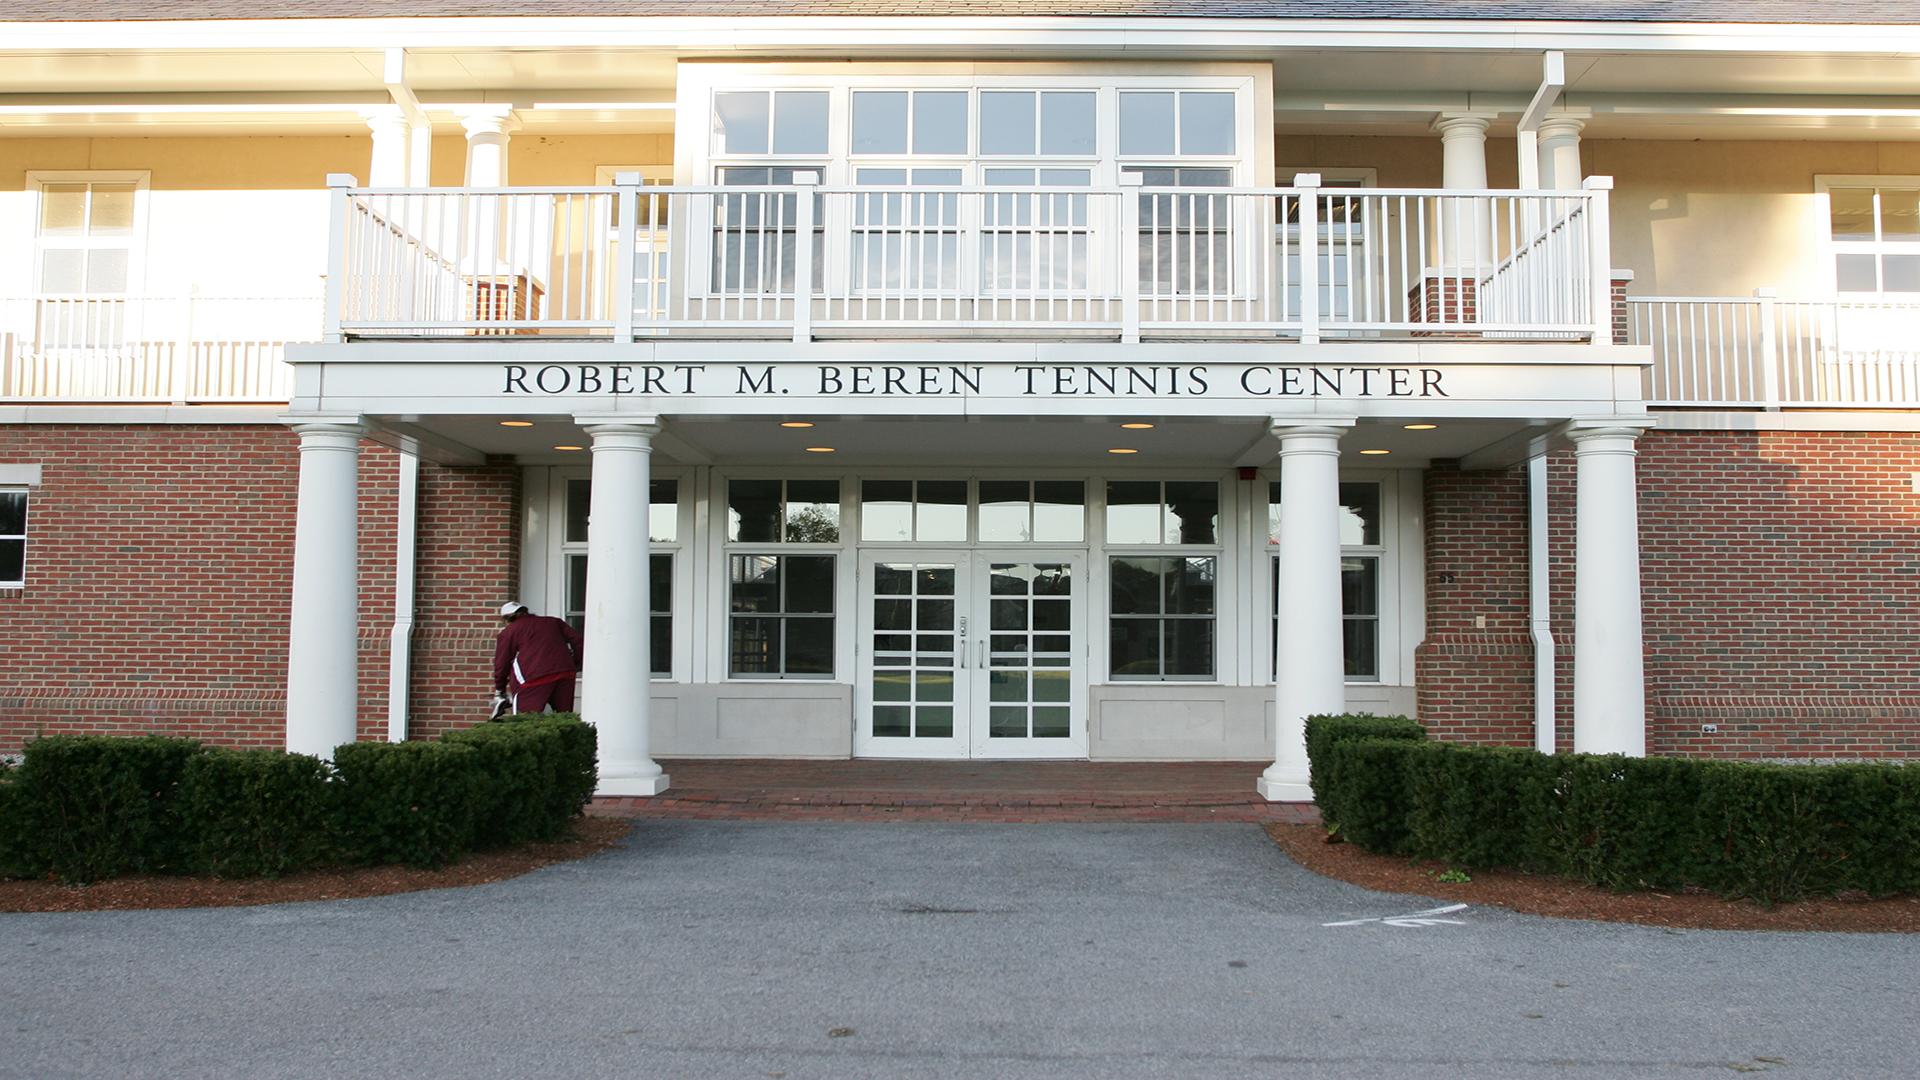 Beren Tennis Center